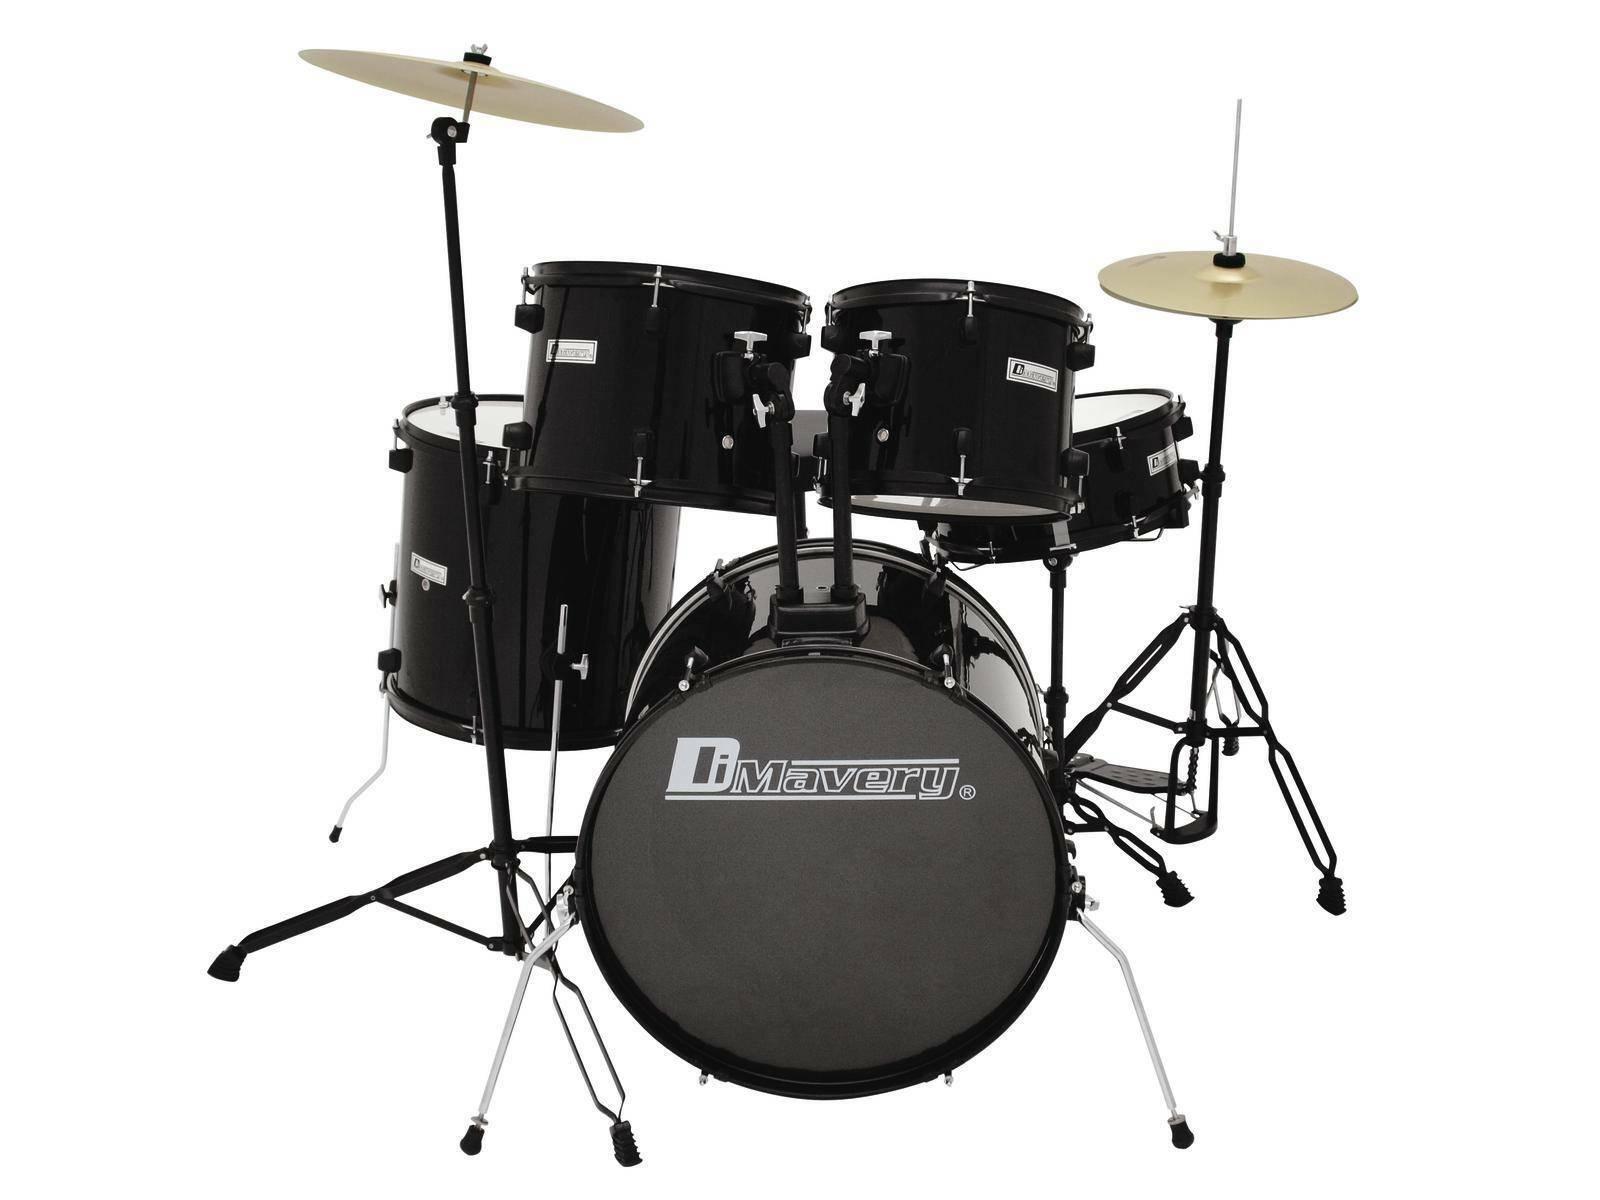 Schlagzeug-Set schwarz KNIGHT, schwarz - Schlagzeug Komplettset   Drumset